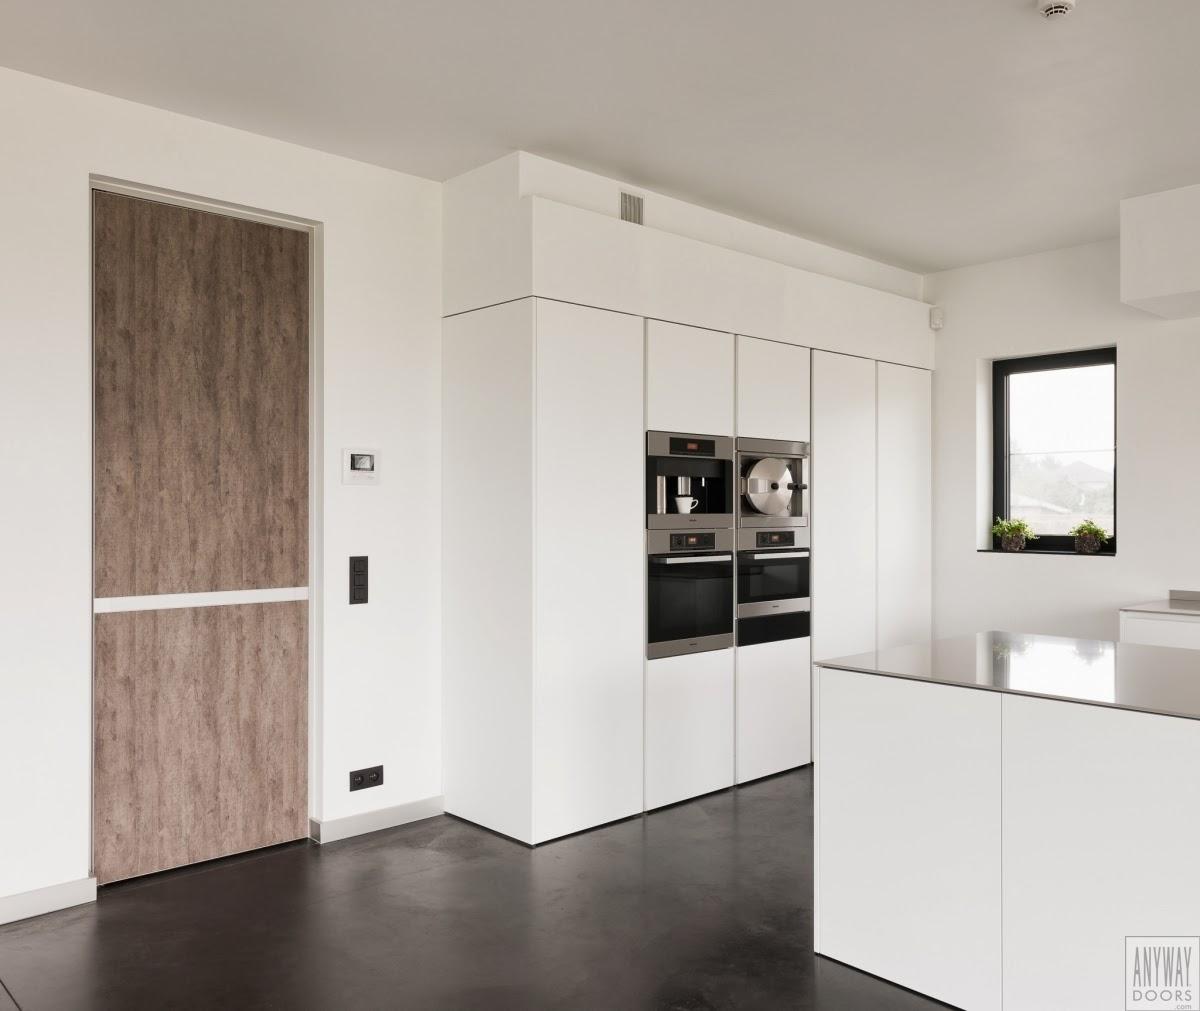 Portes int rieures sur mesure de anyway doors anywaydoors binnendeuren dressings - Porte d interieur sur mesure ...